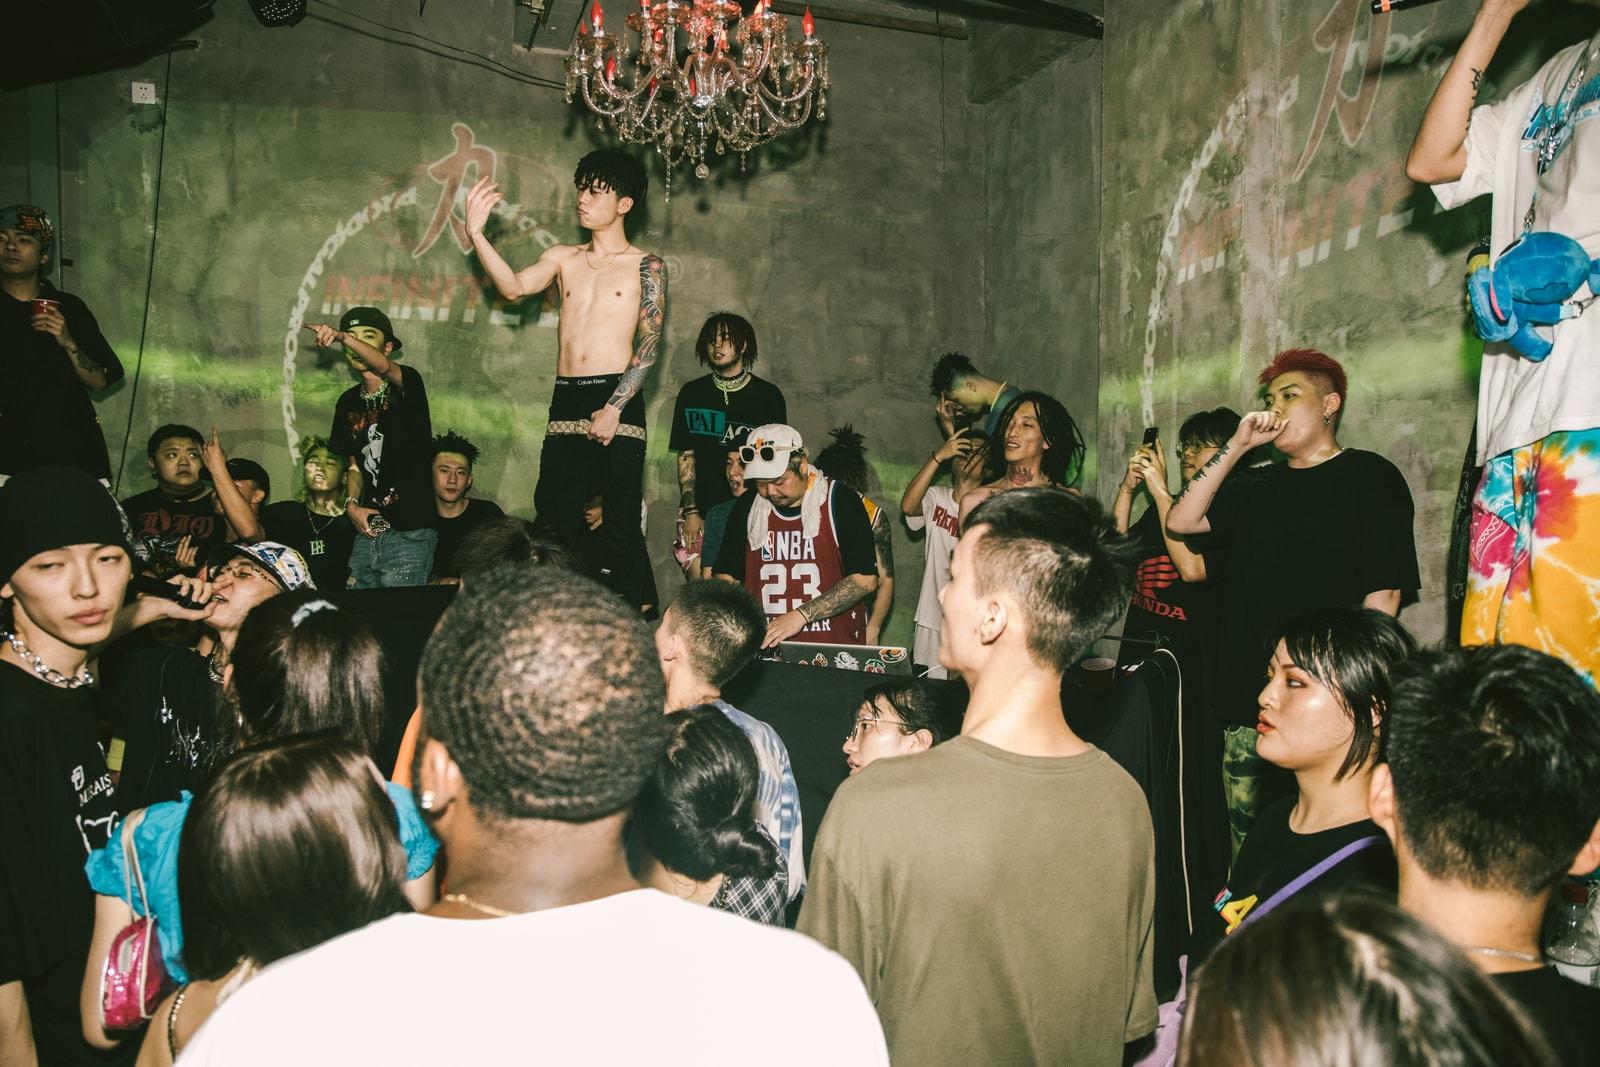 中國 6 城音樂人推薦的 15 間地下音樂俱樂部 | 2020 地下音樂俱樂部指南